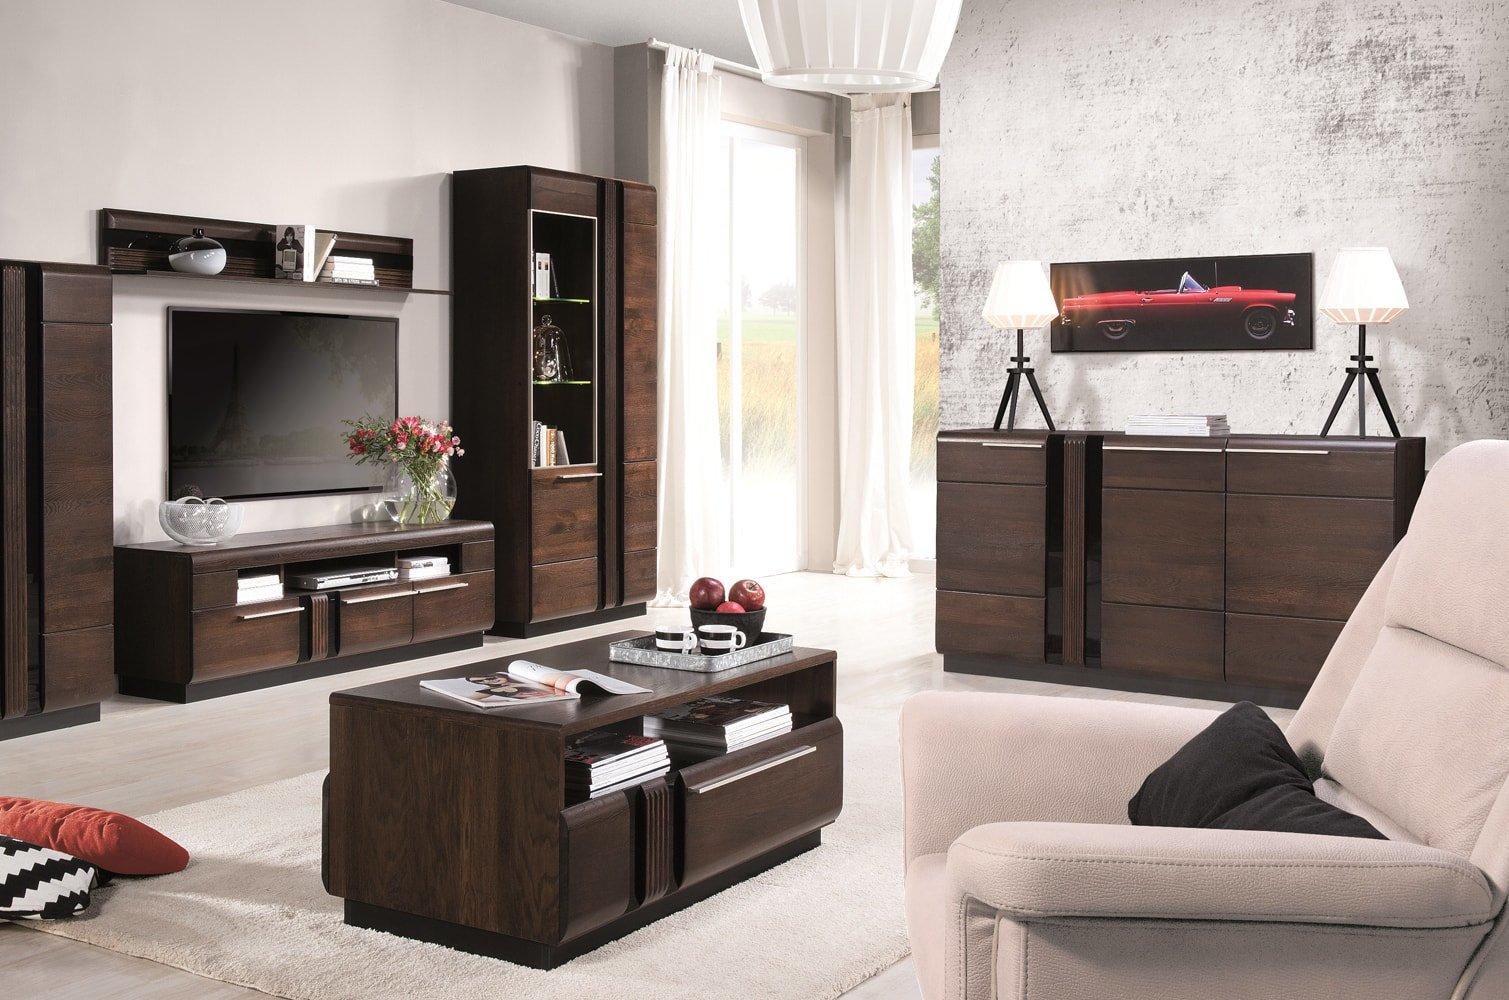 drewniane meble do salonu w kolorze dębu czekoladowego porti szynaka